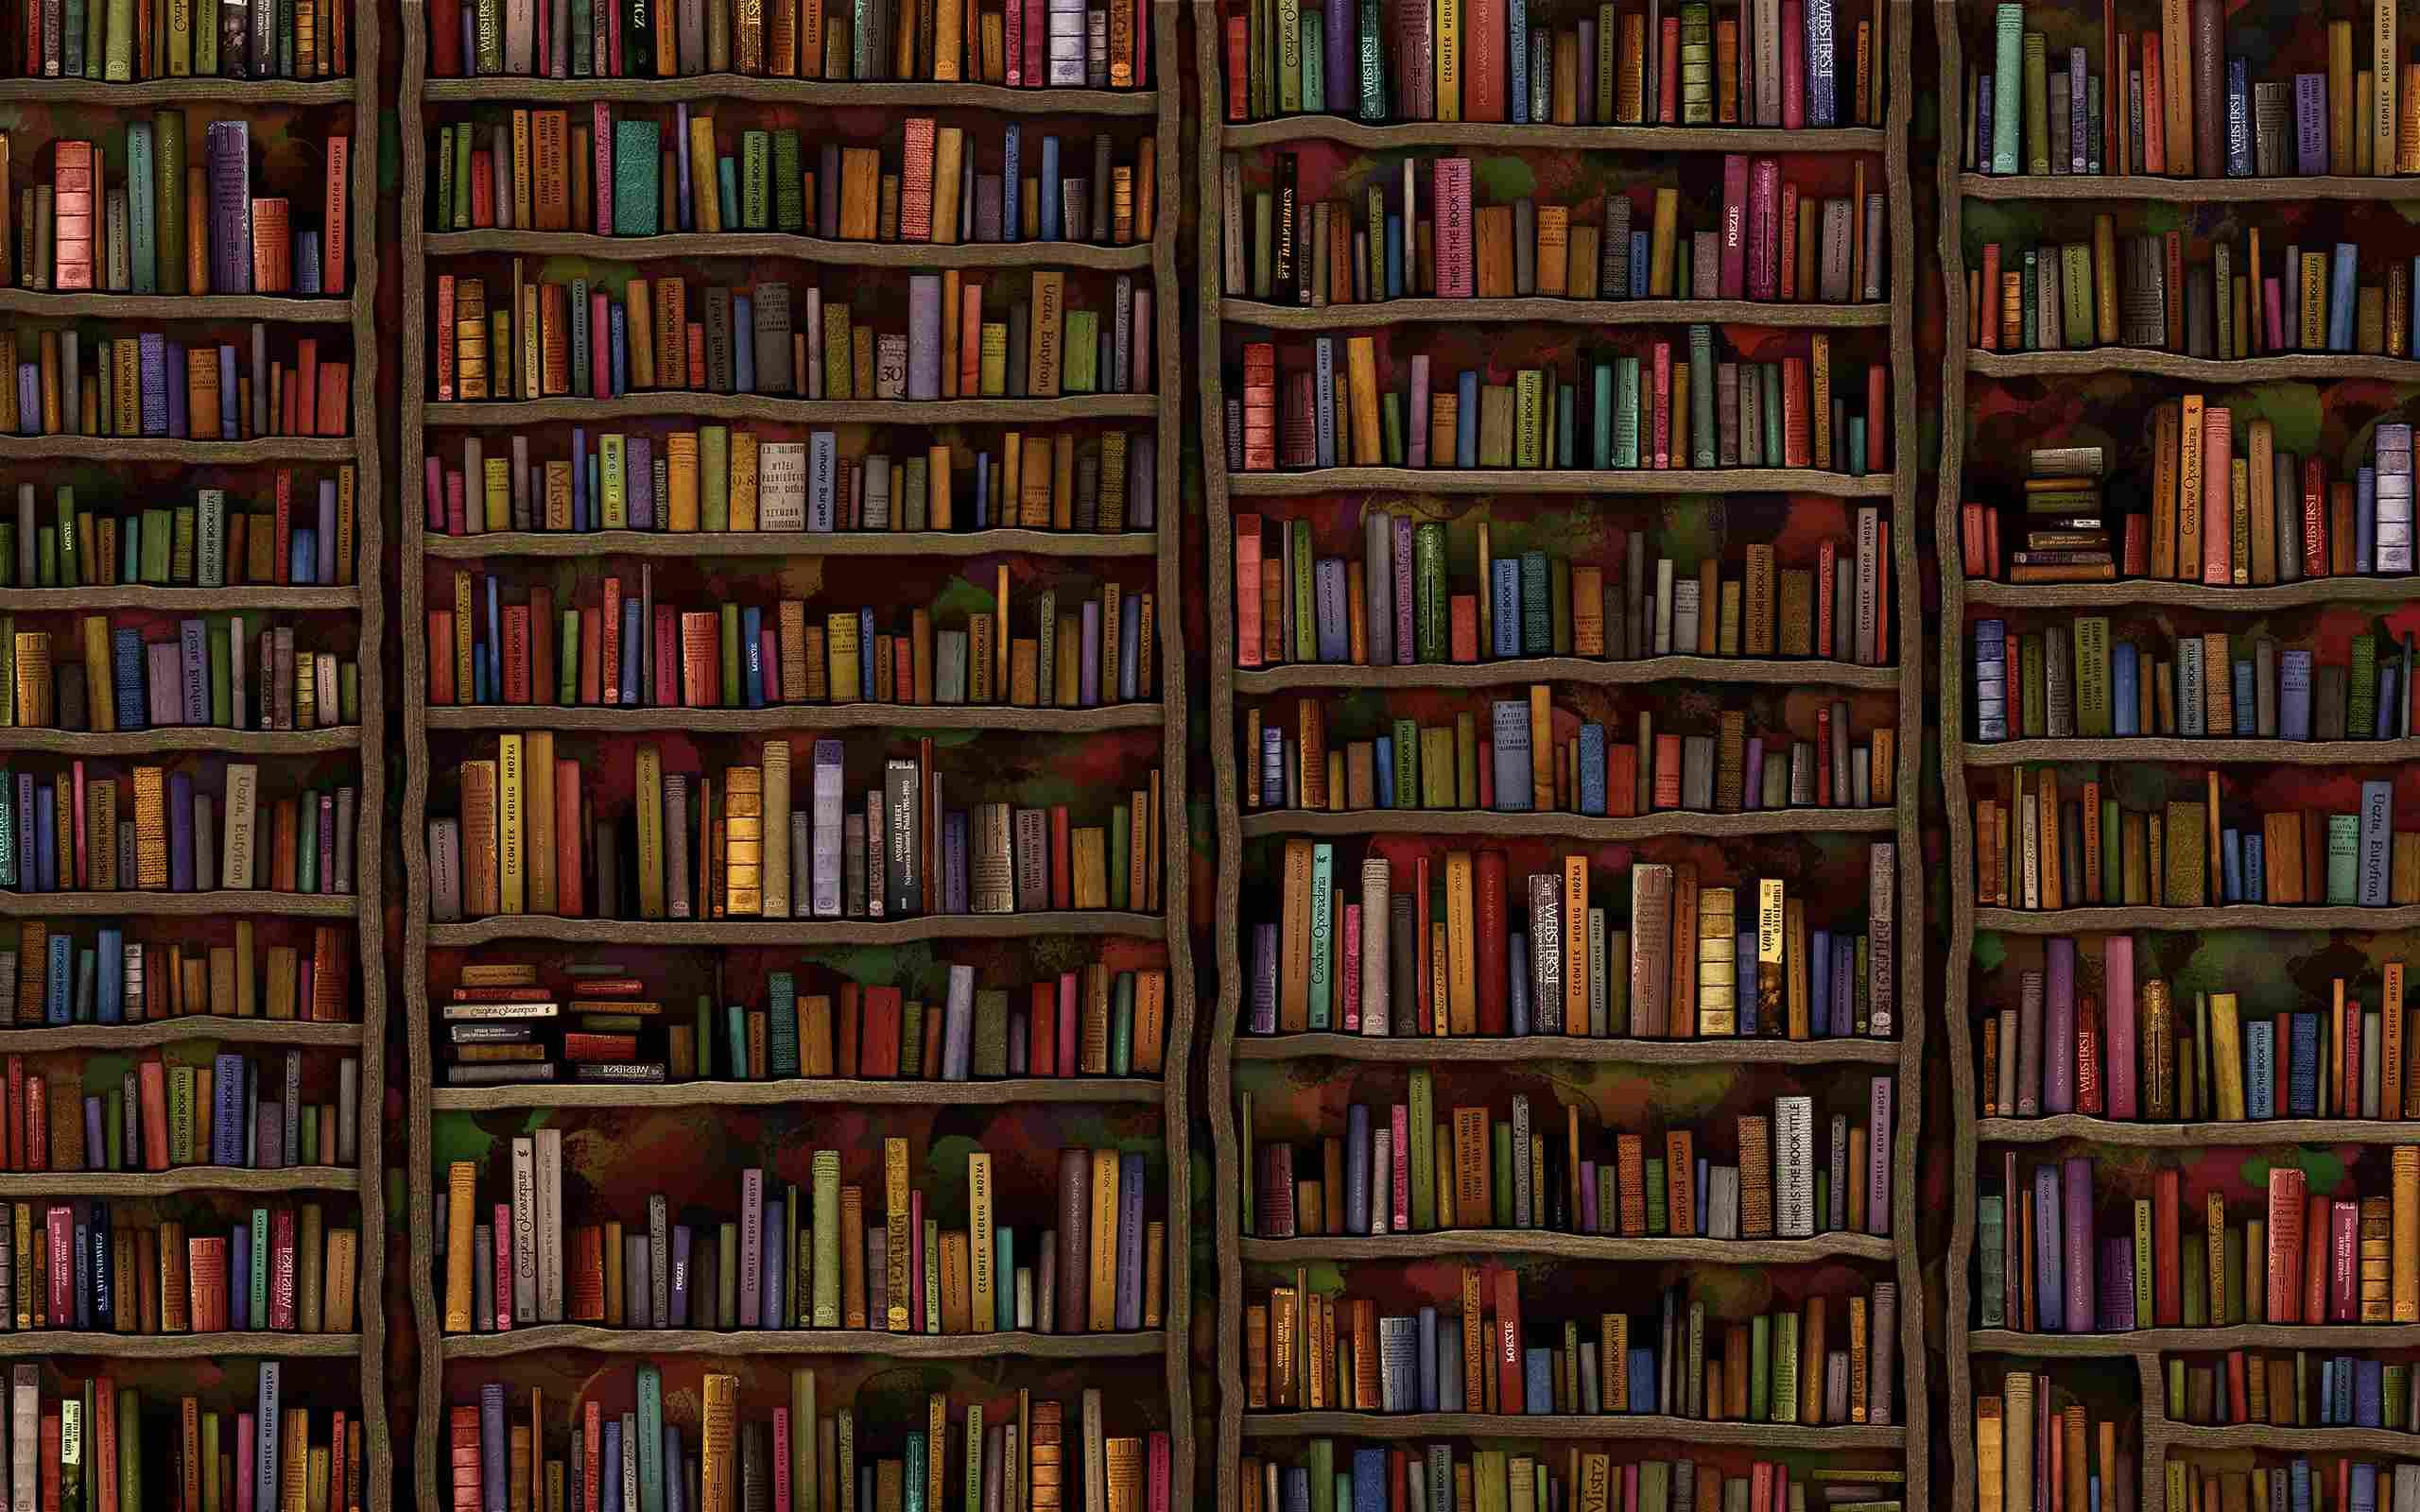 картинки книжных полок на рабочий стол фотография последние годы